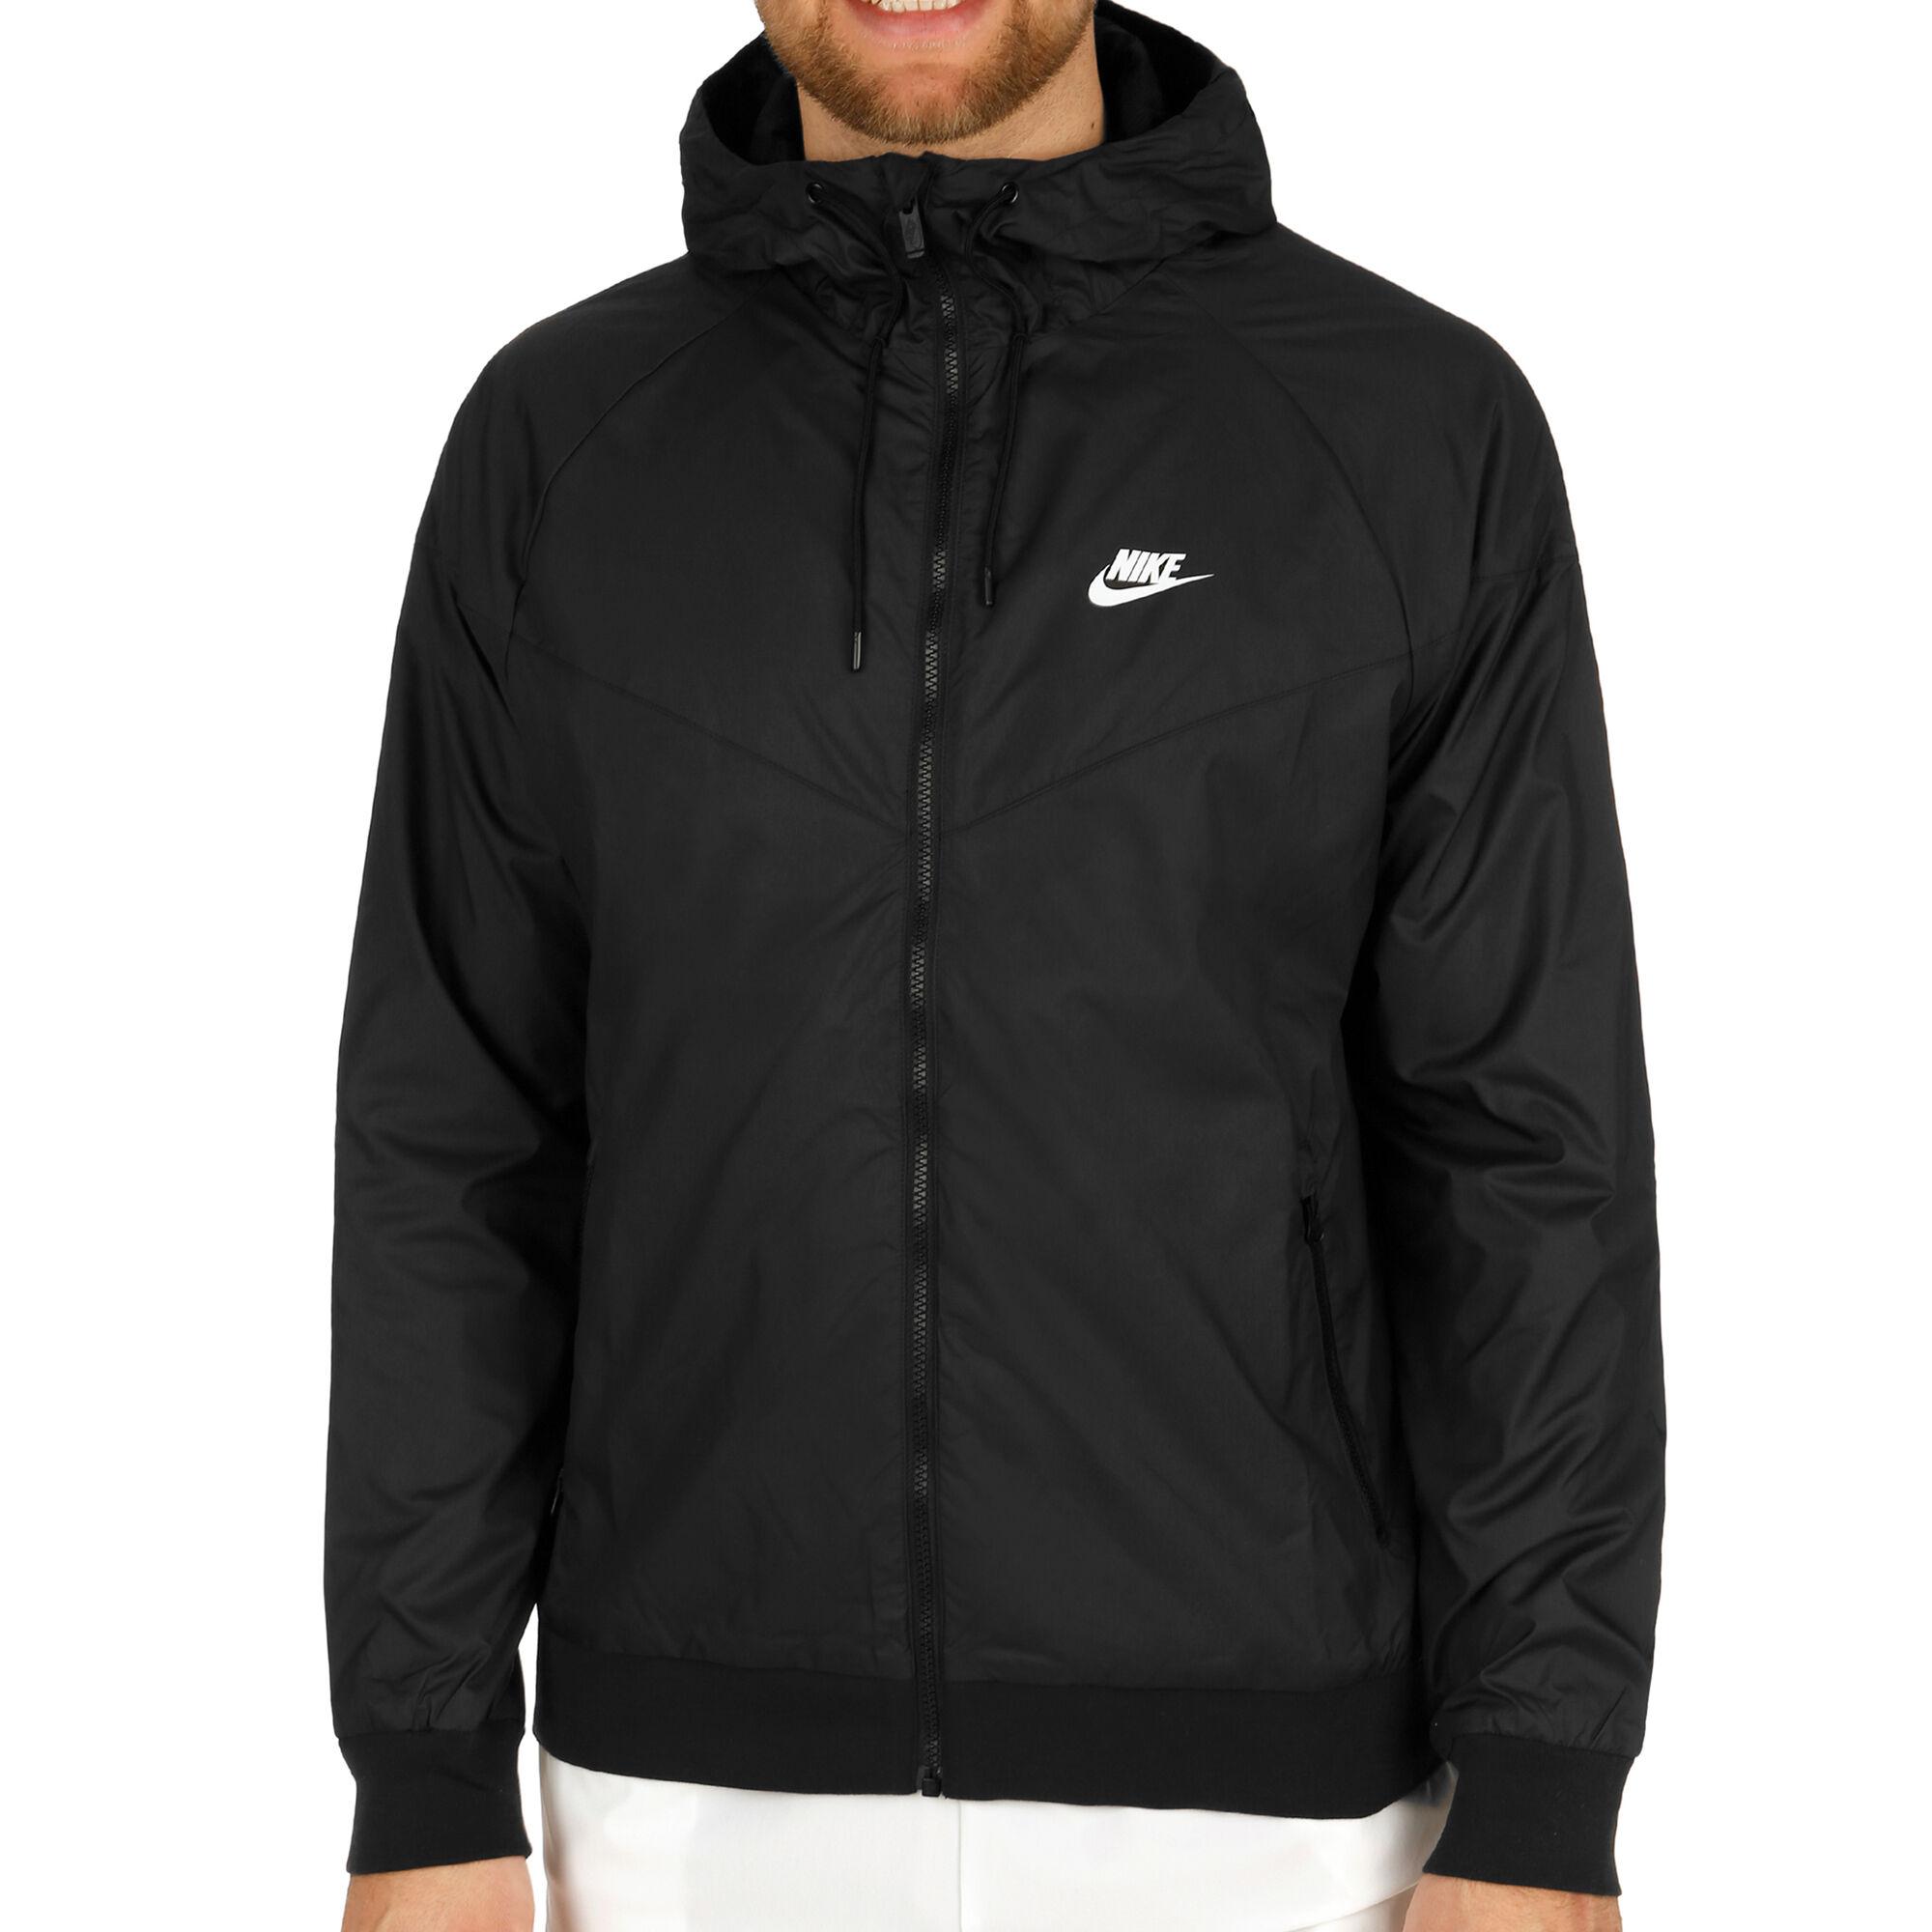 69b25c568929 Nike Sportswear Windrunner Trainingsjacke Herren - Schwarz, Weiß ...